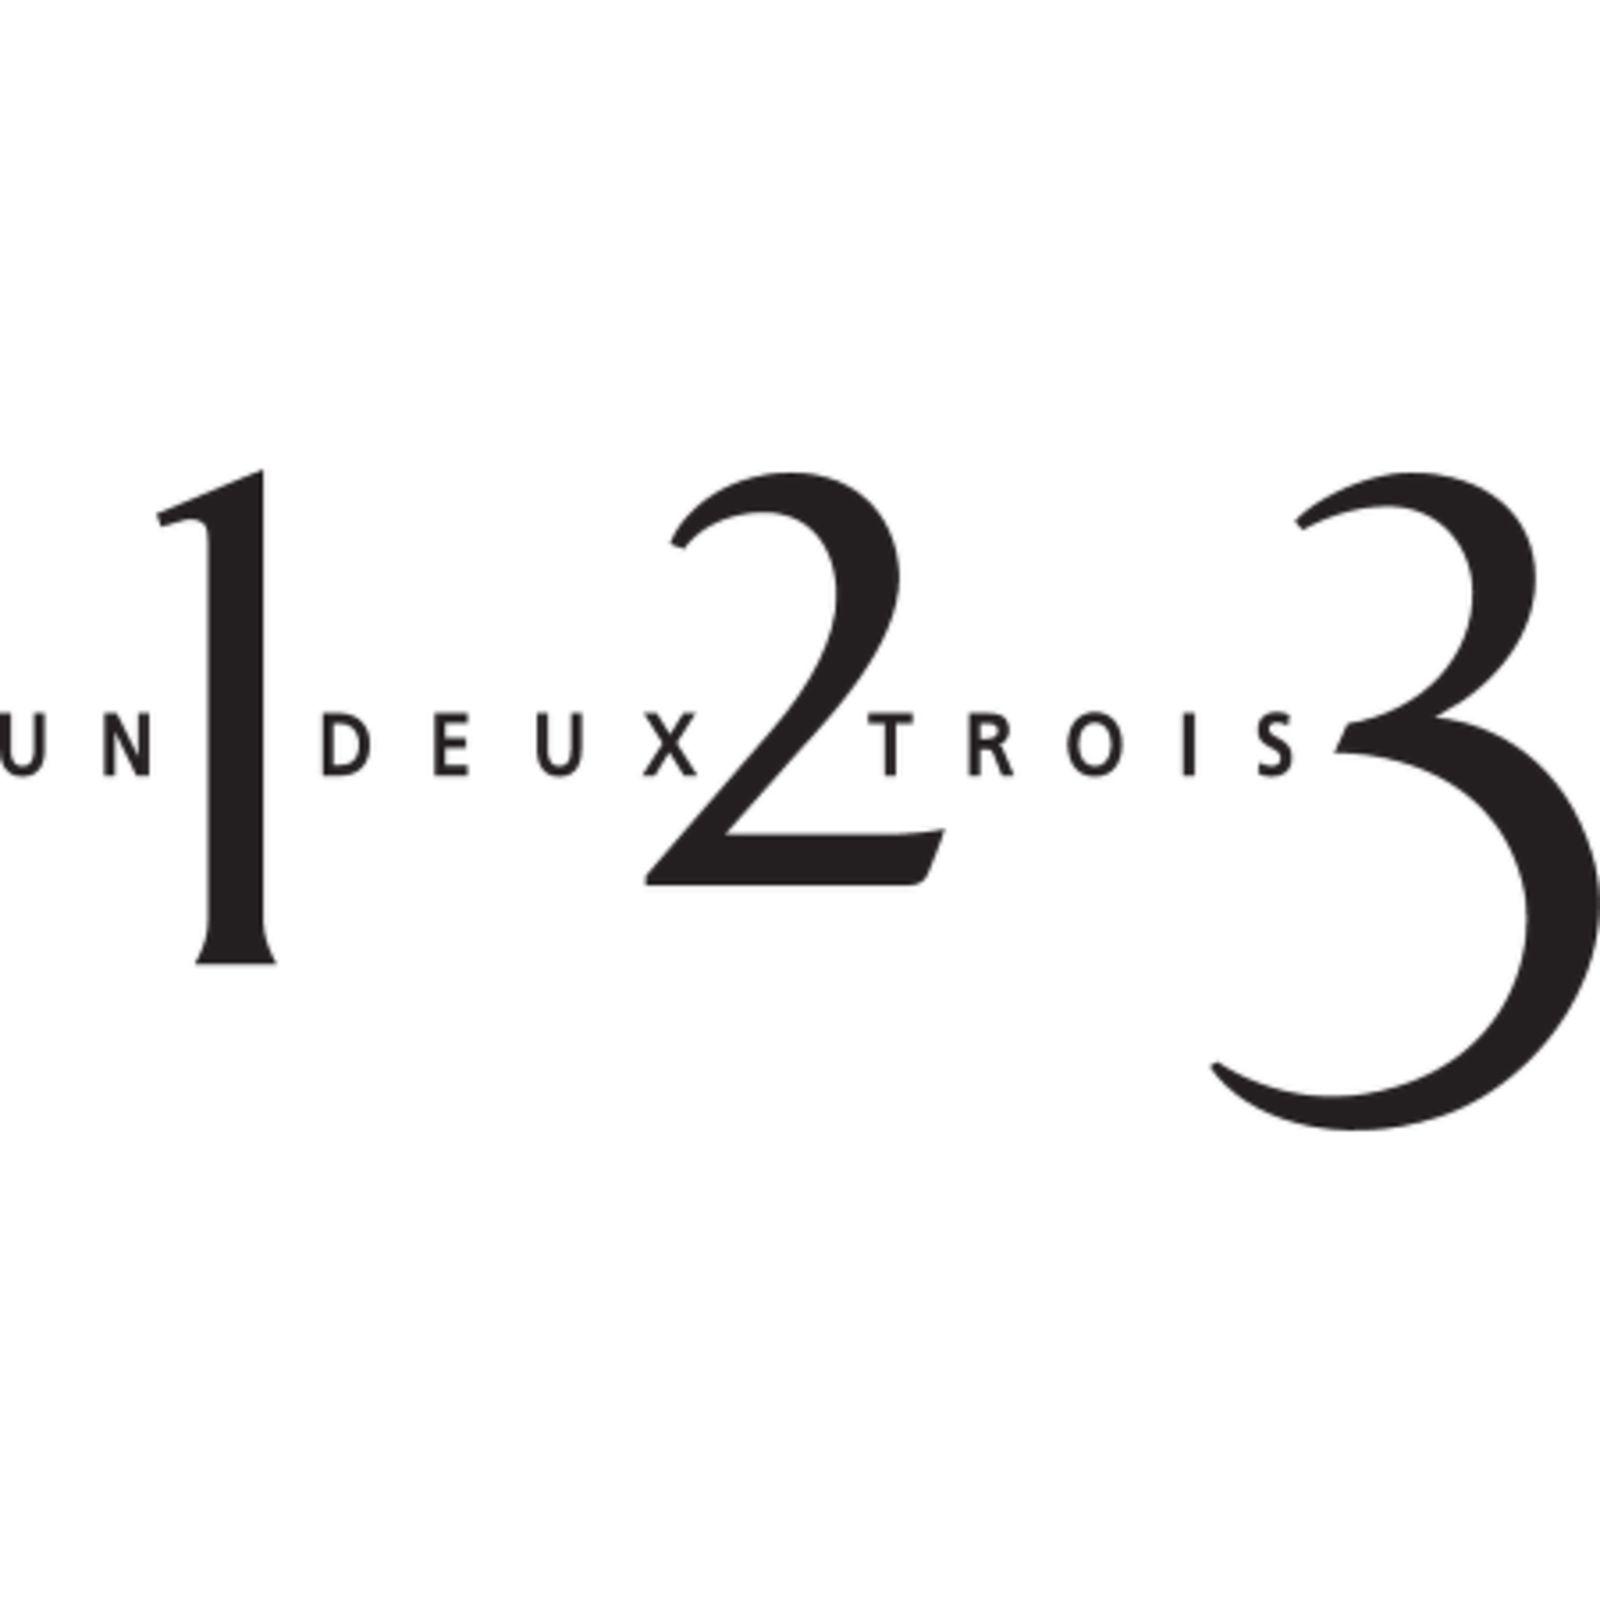 1 2 3 | UN DEUX TROIS (Bild 1)